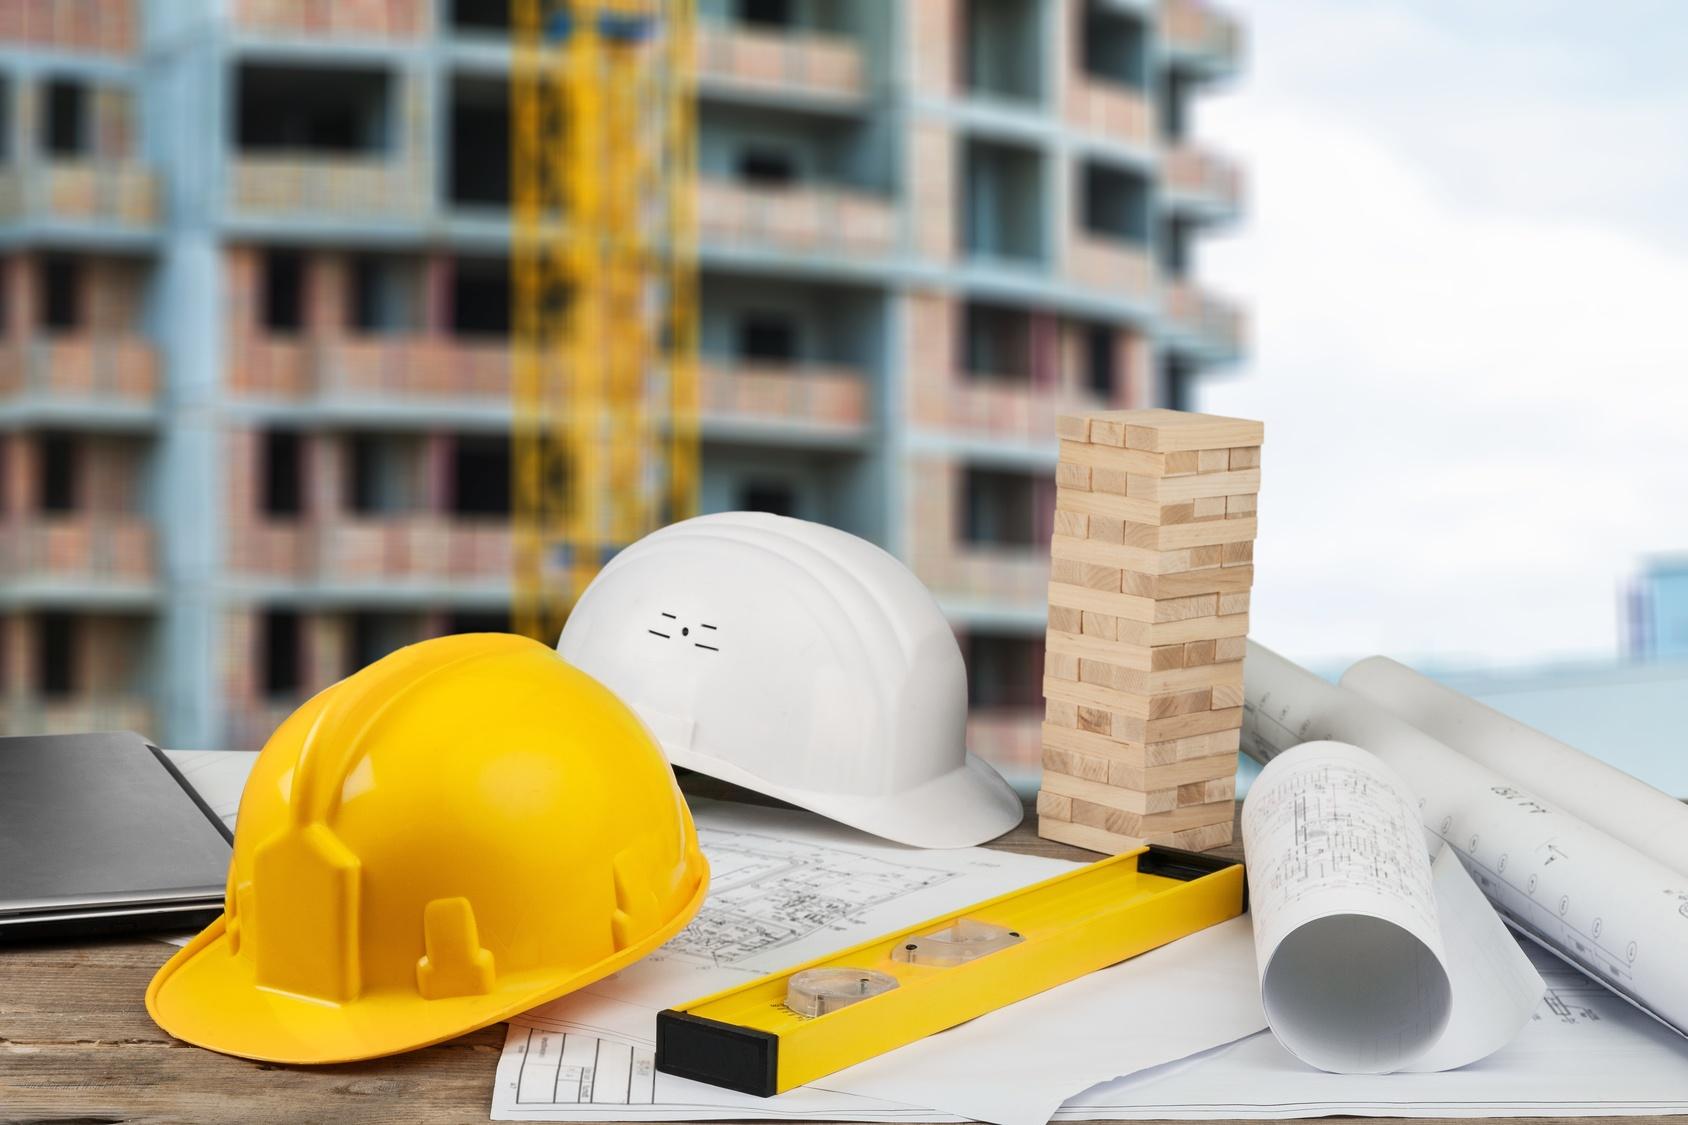 La prévention sécurité pour les TPE : mode d'emploi